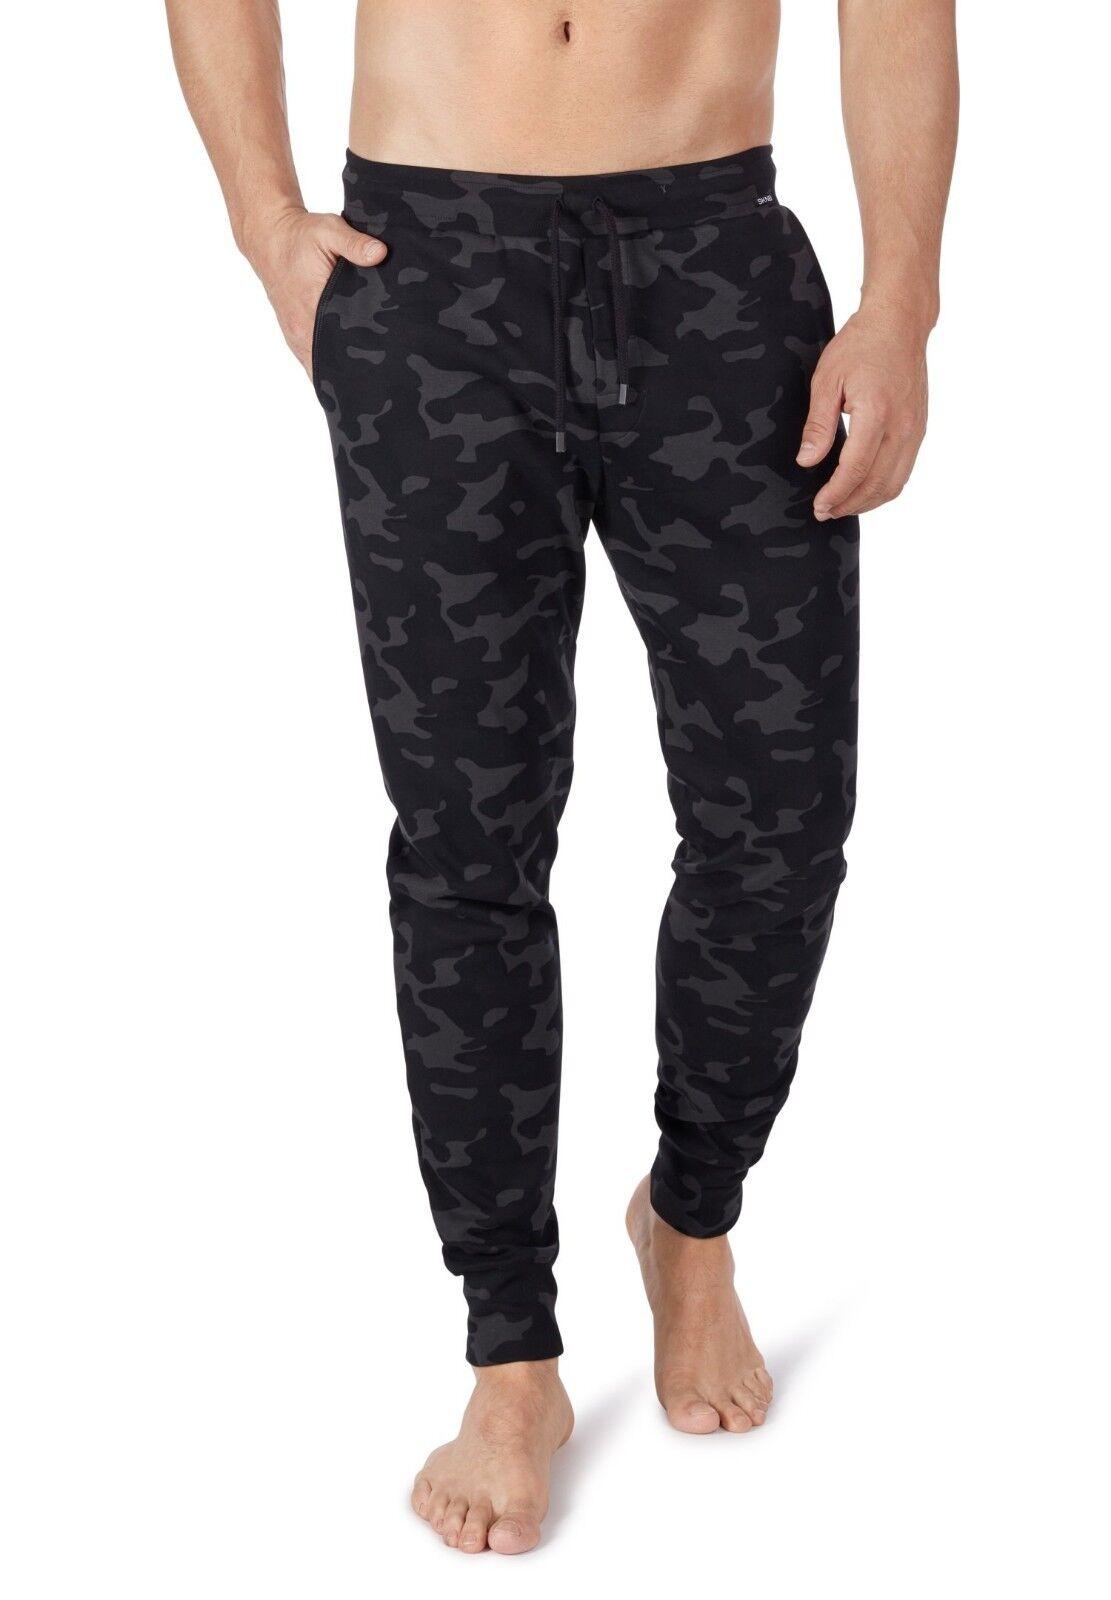 Skiny Herren Loungewear Collection Hose Freizeithose Camouflage 86830